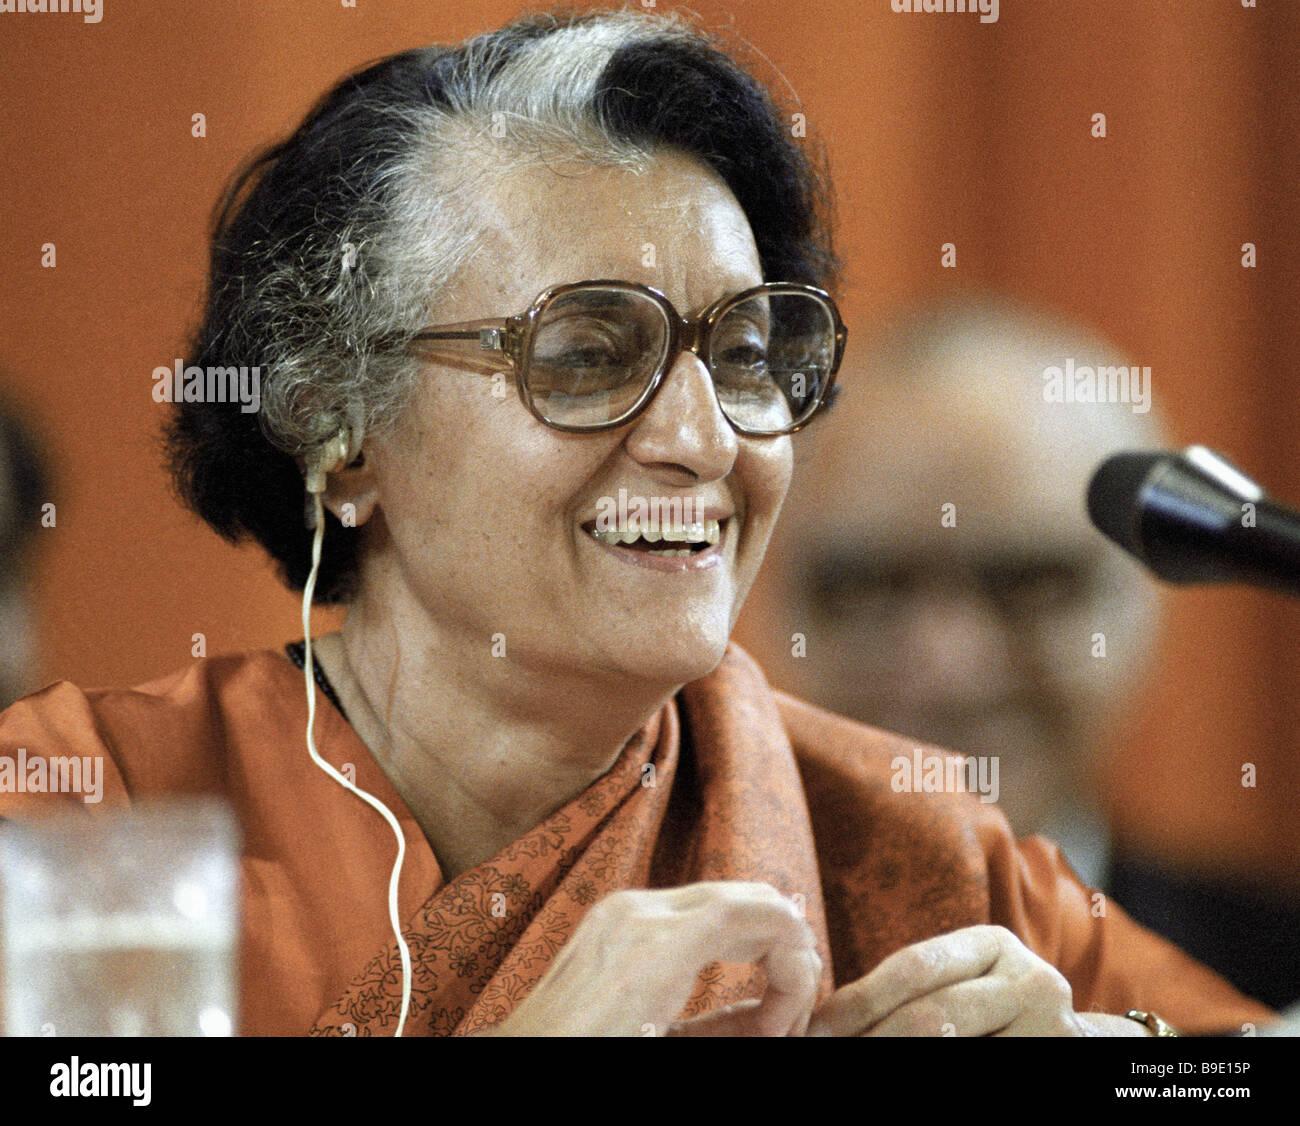 Primo Ministro indiano Indira Gandhi dando una intervista durante la sua visita in Unione Sovietica Immagini Stock